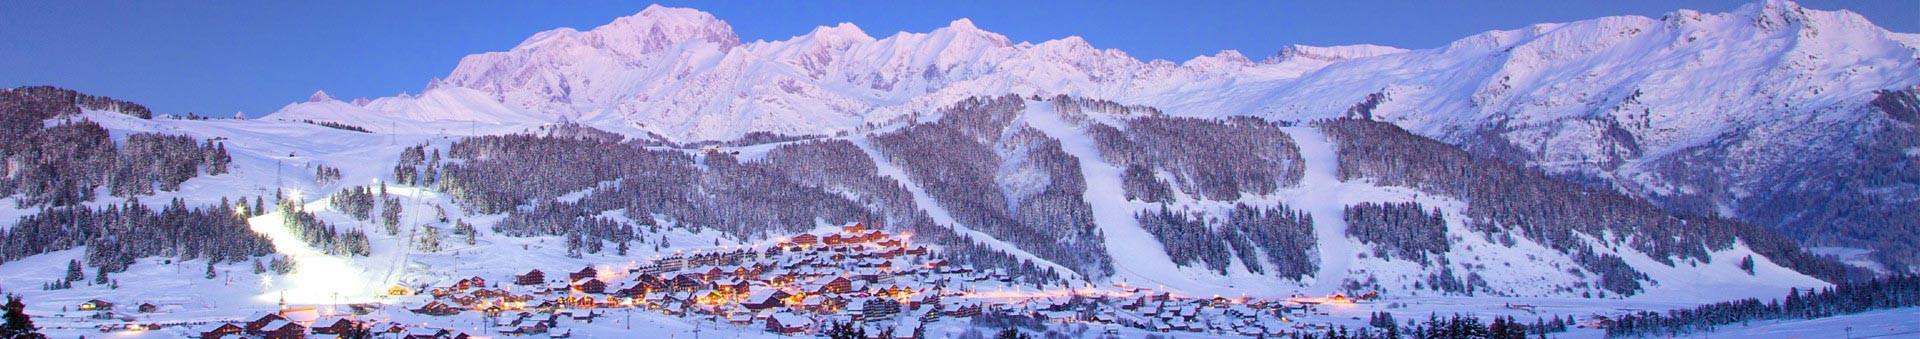 col-des-saisies-hiver-2559-2638